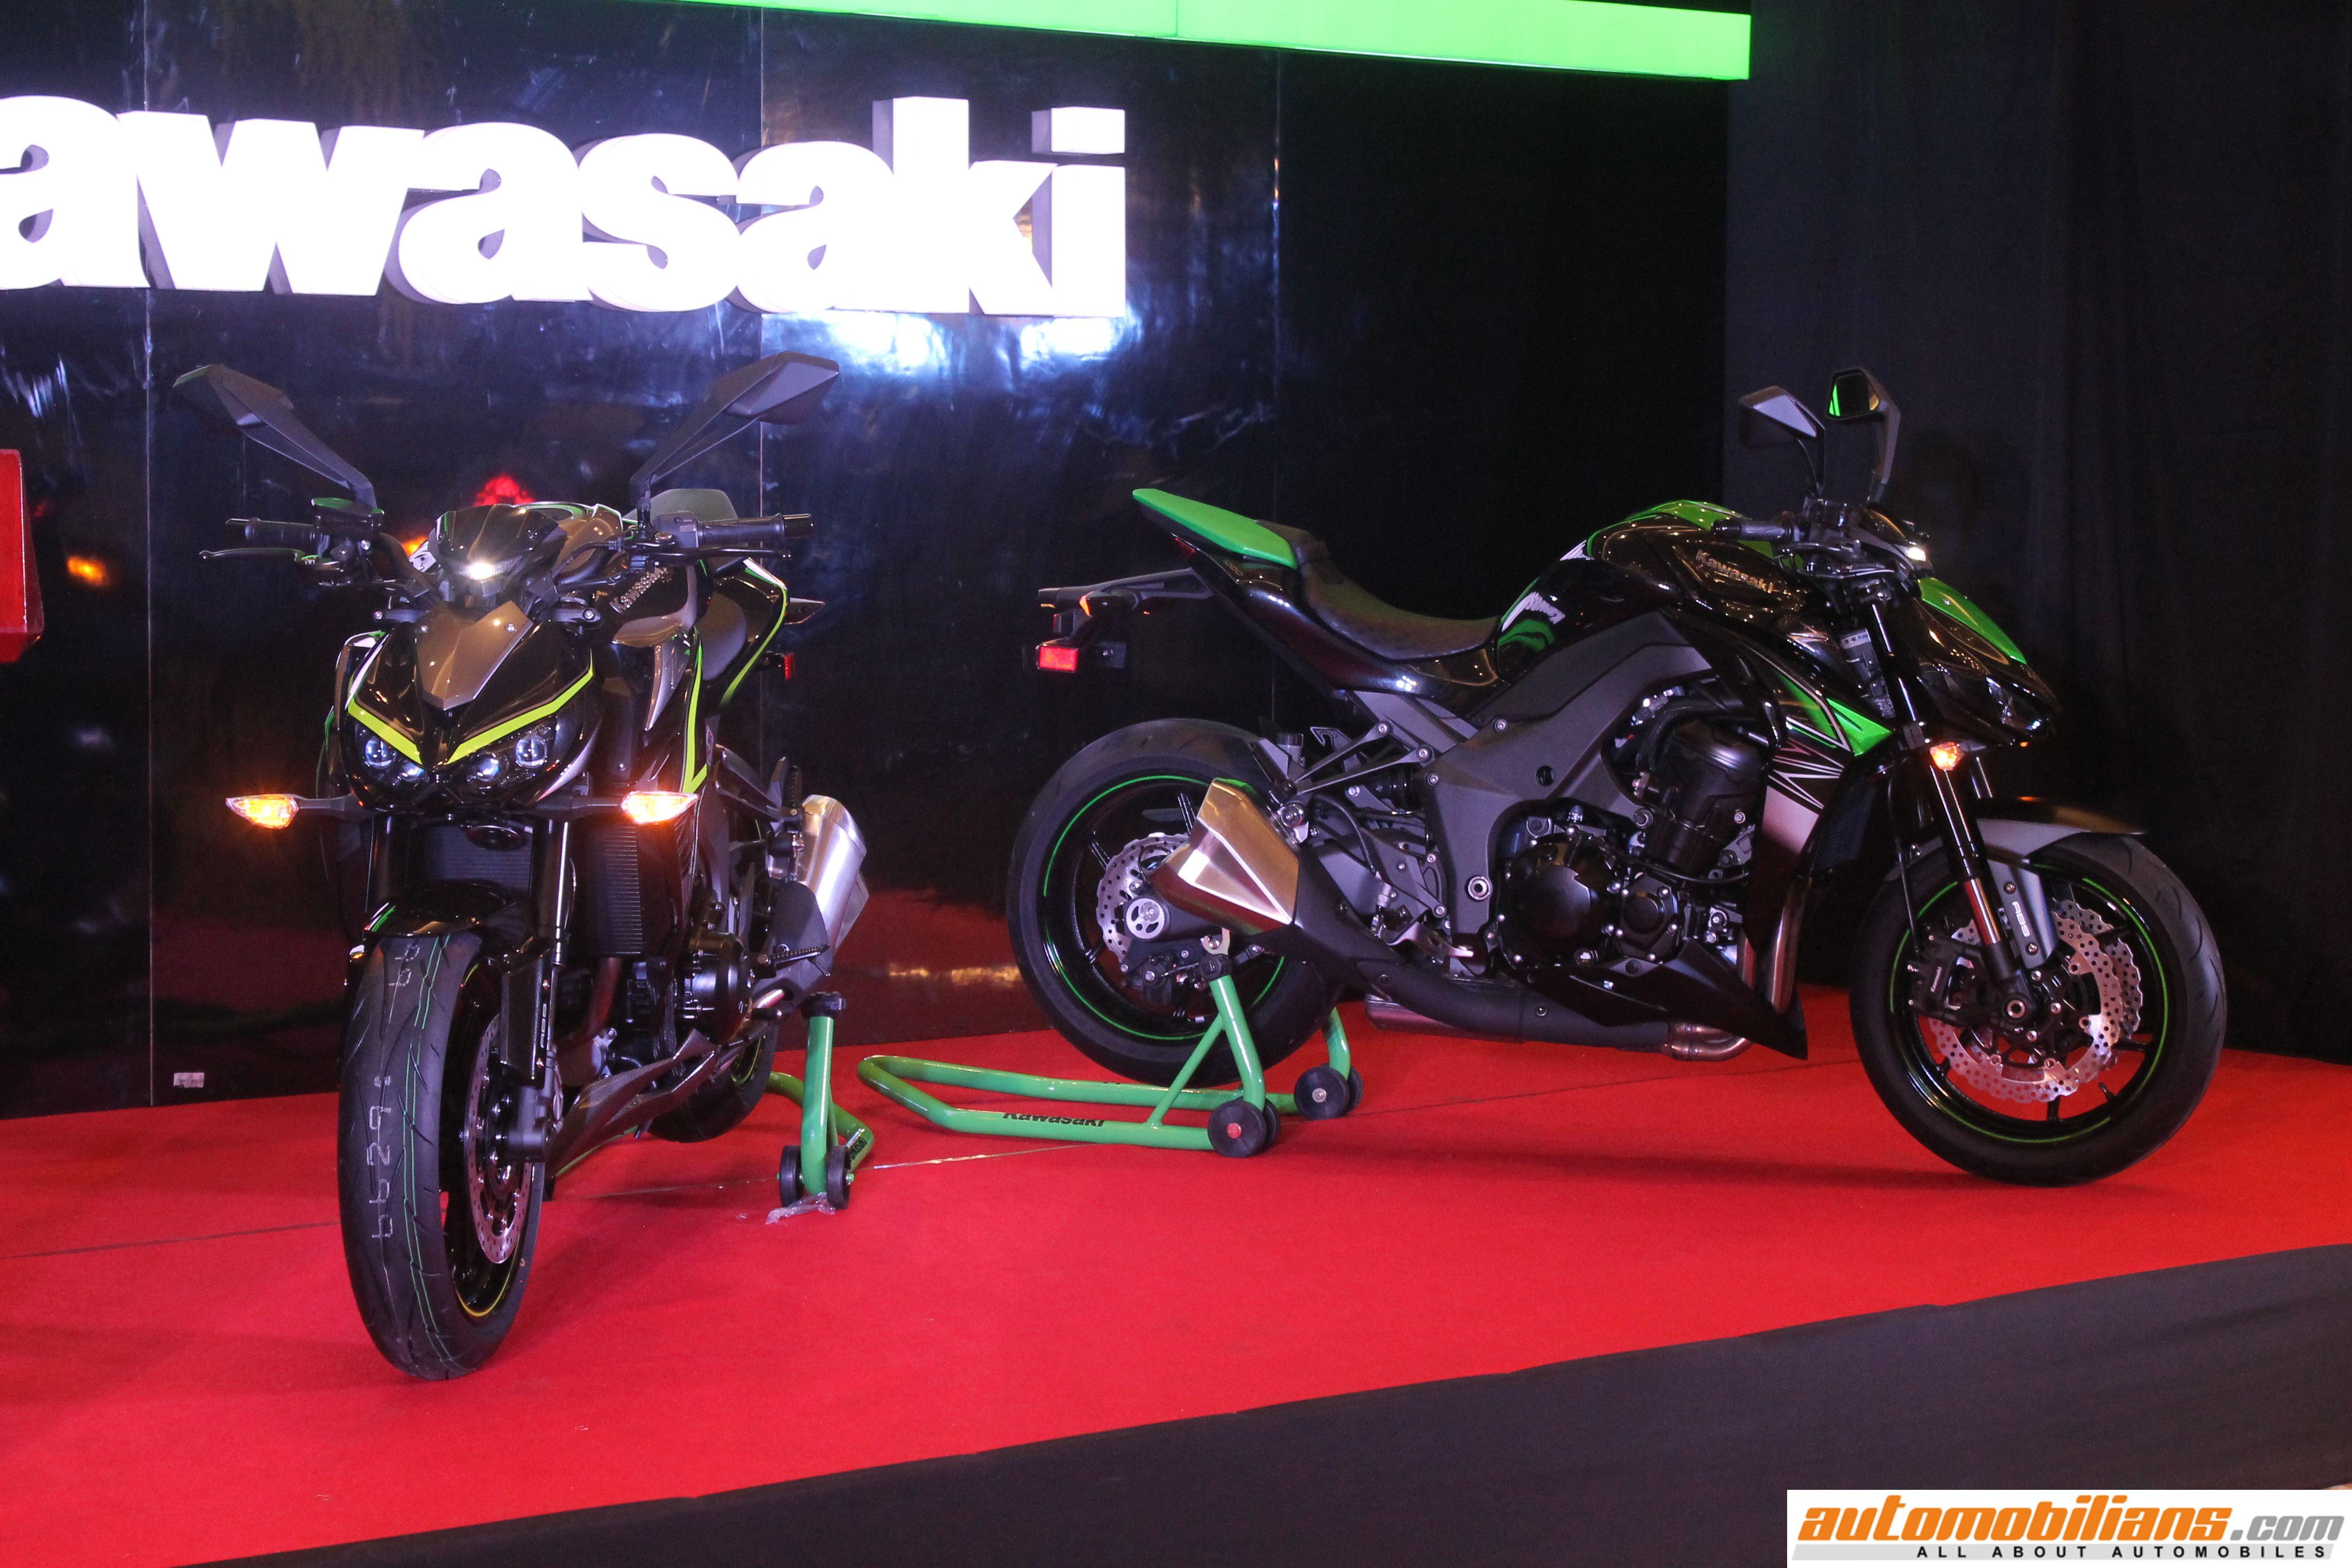 2017 Kawasaki Z250, Z1000 & Z1000R Launched In India